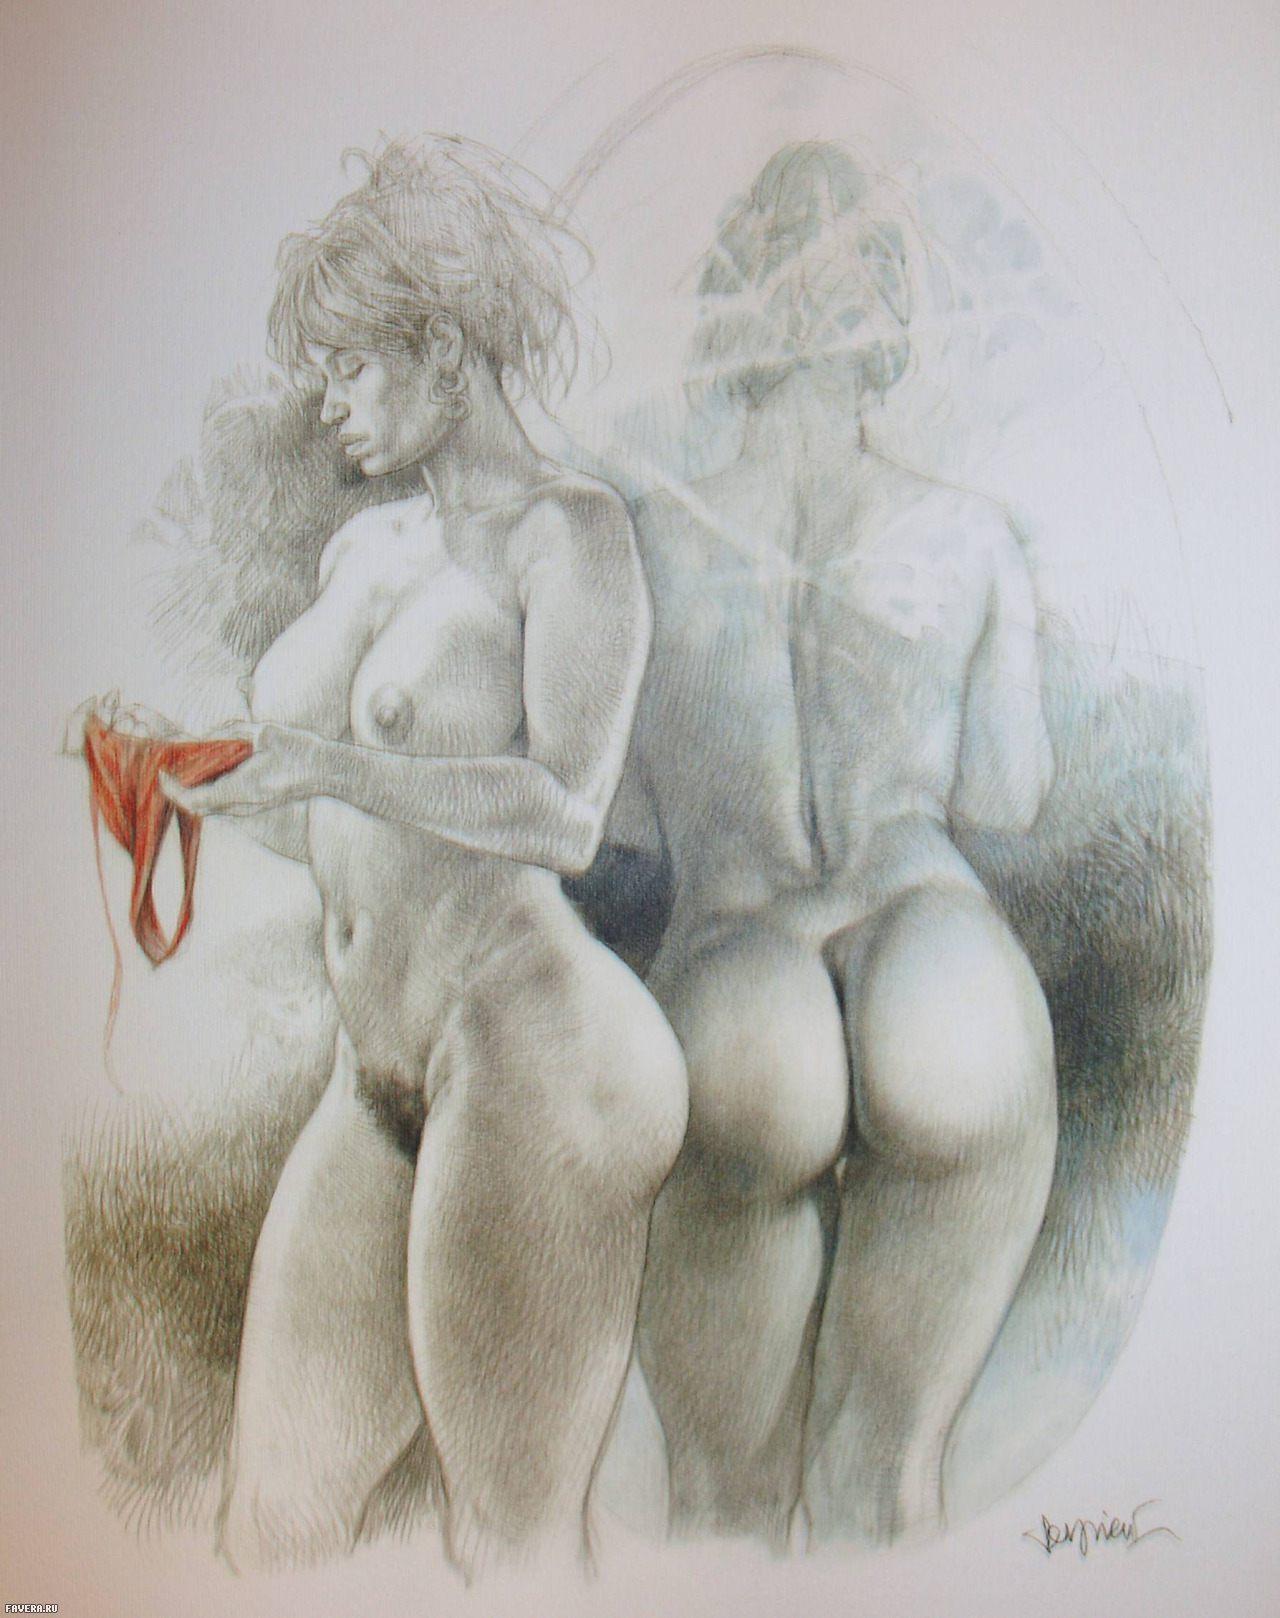 эротические рисунки pqalongese картинки № 486896 загрузить